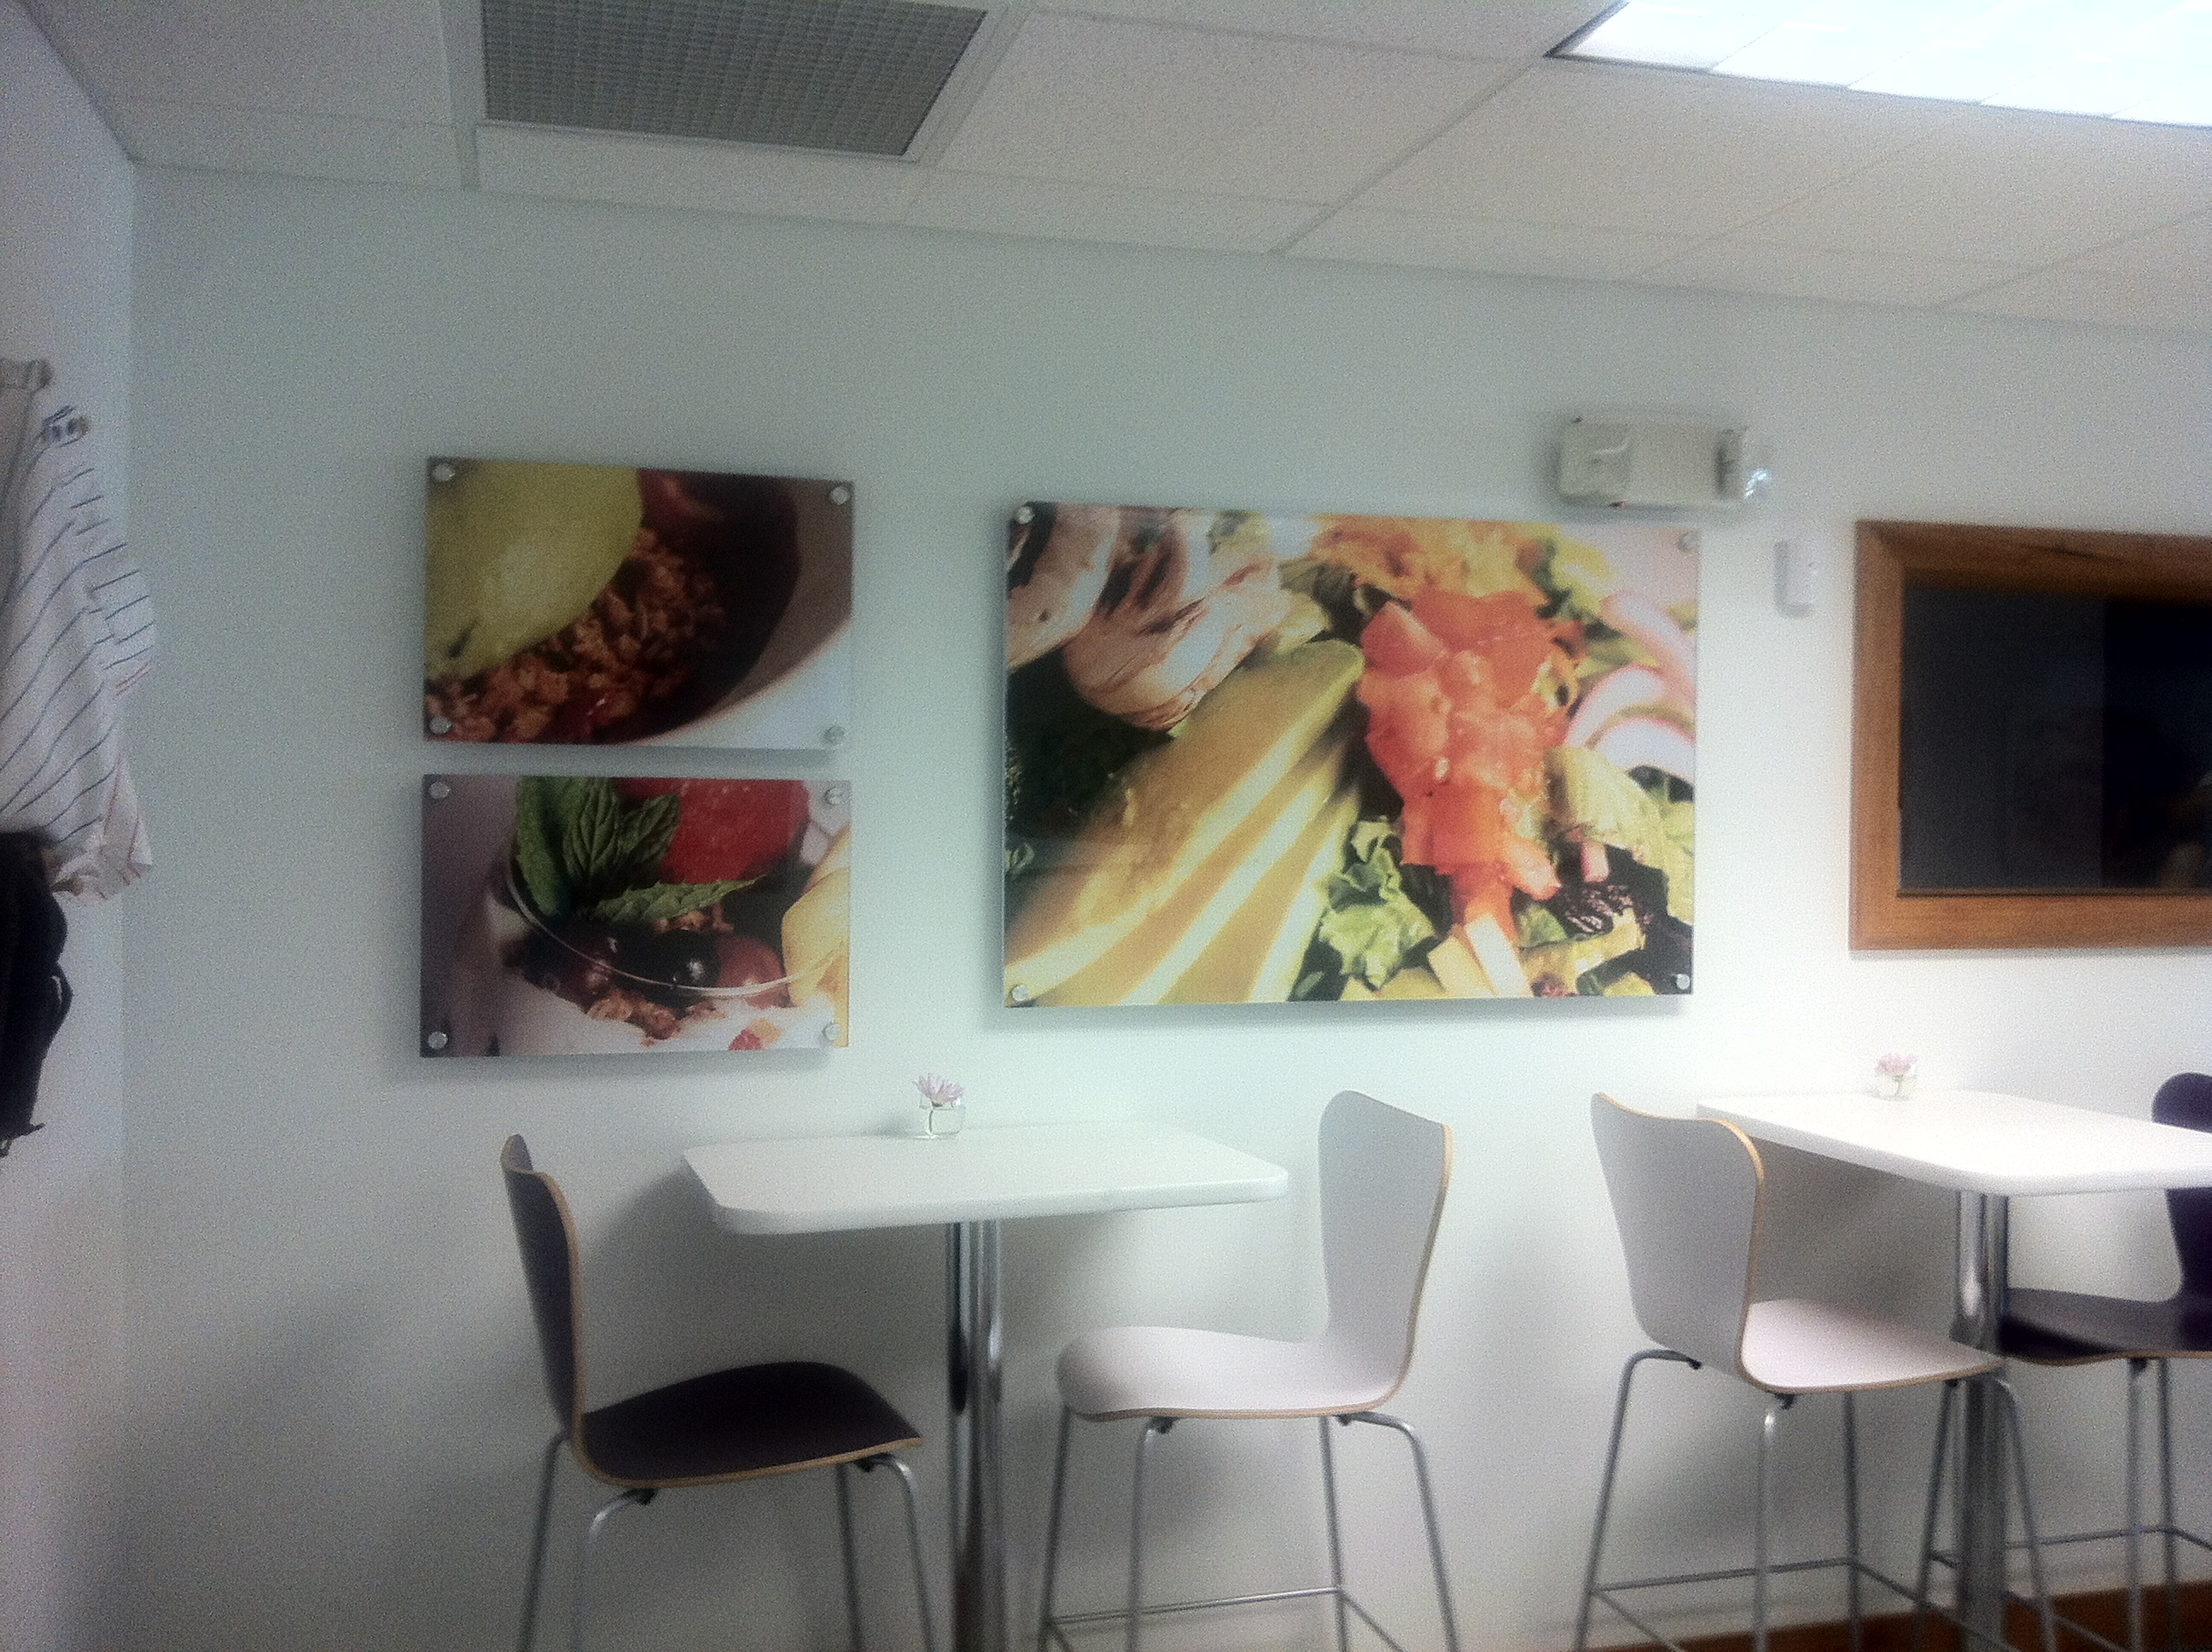 FHC-InsideRestaurant